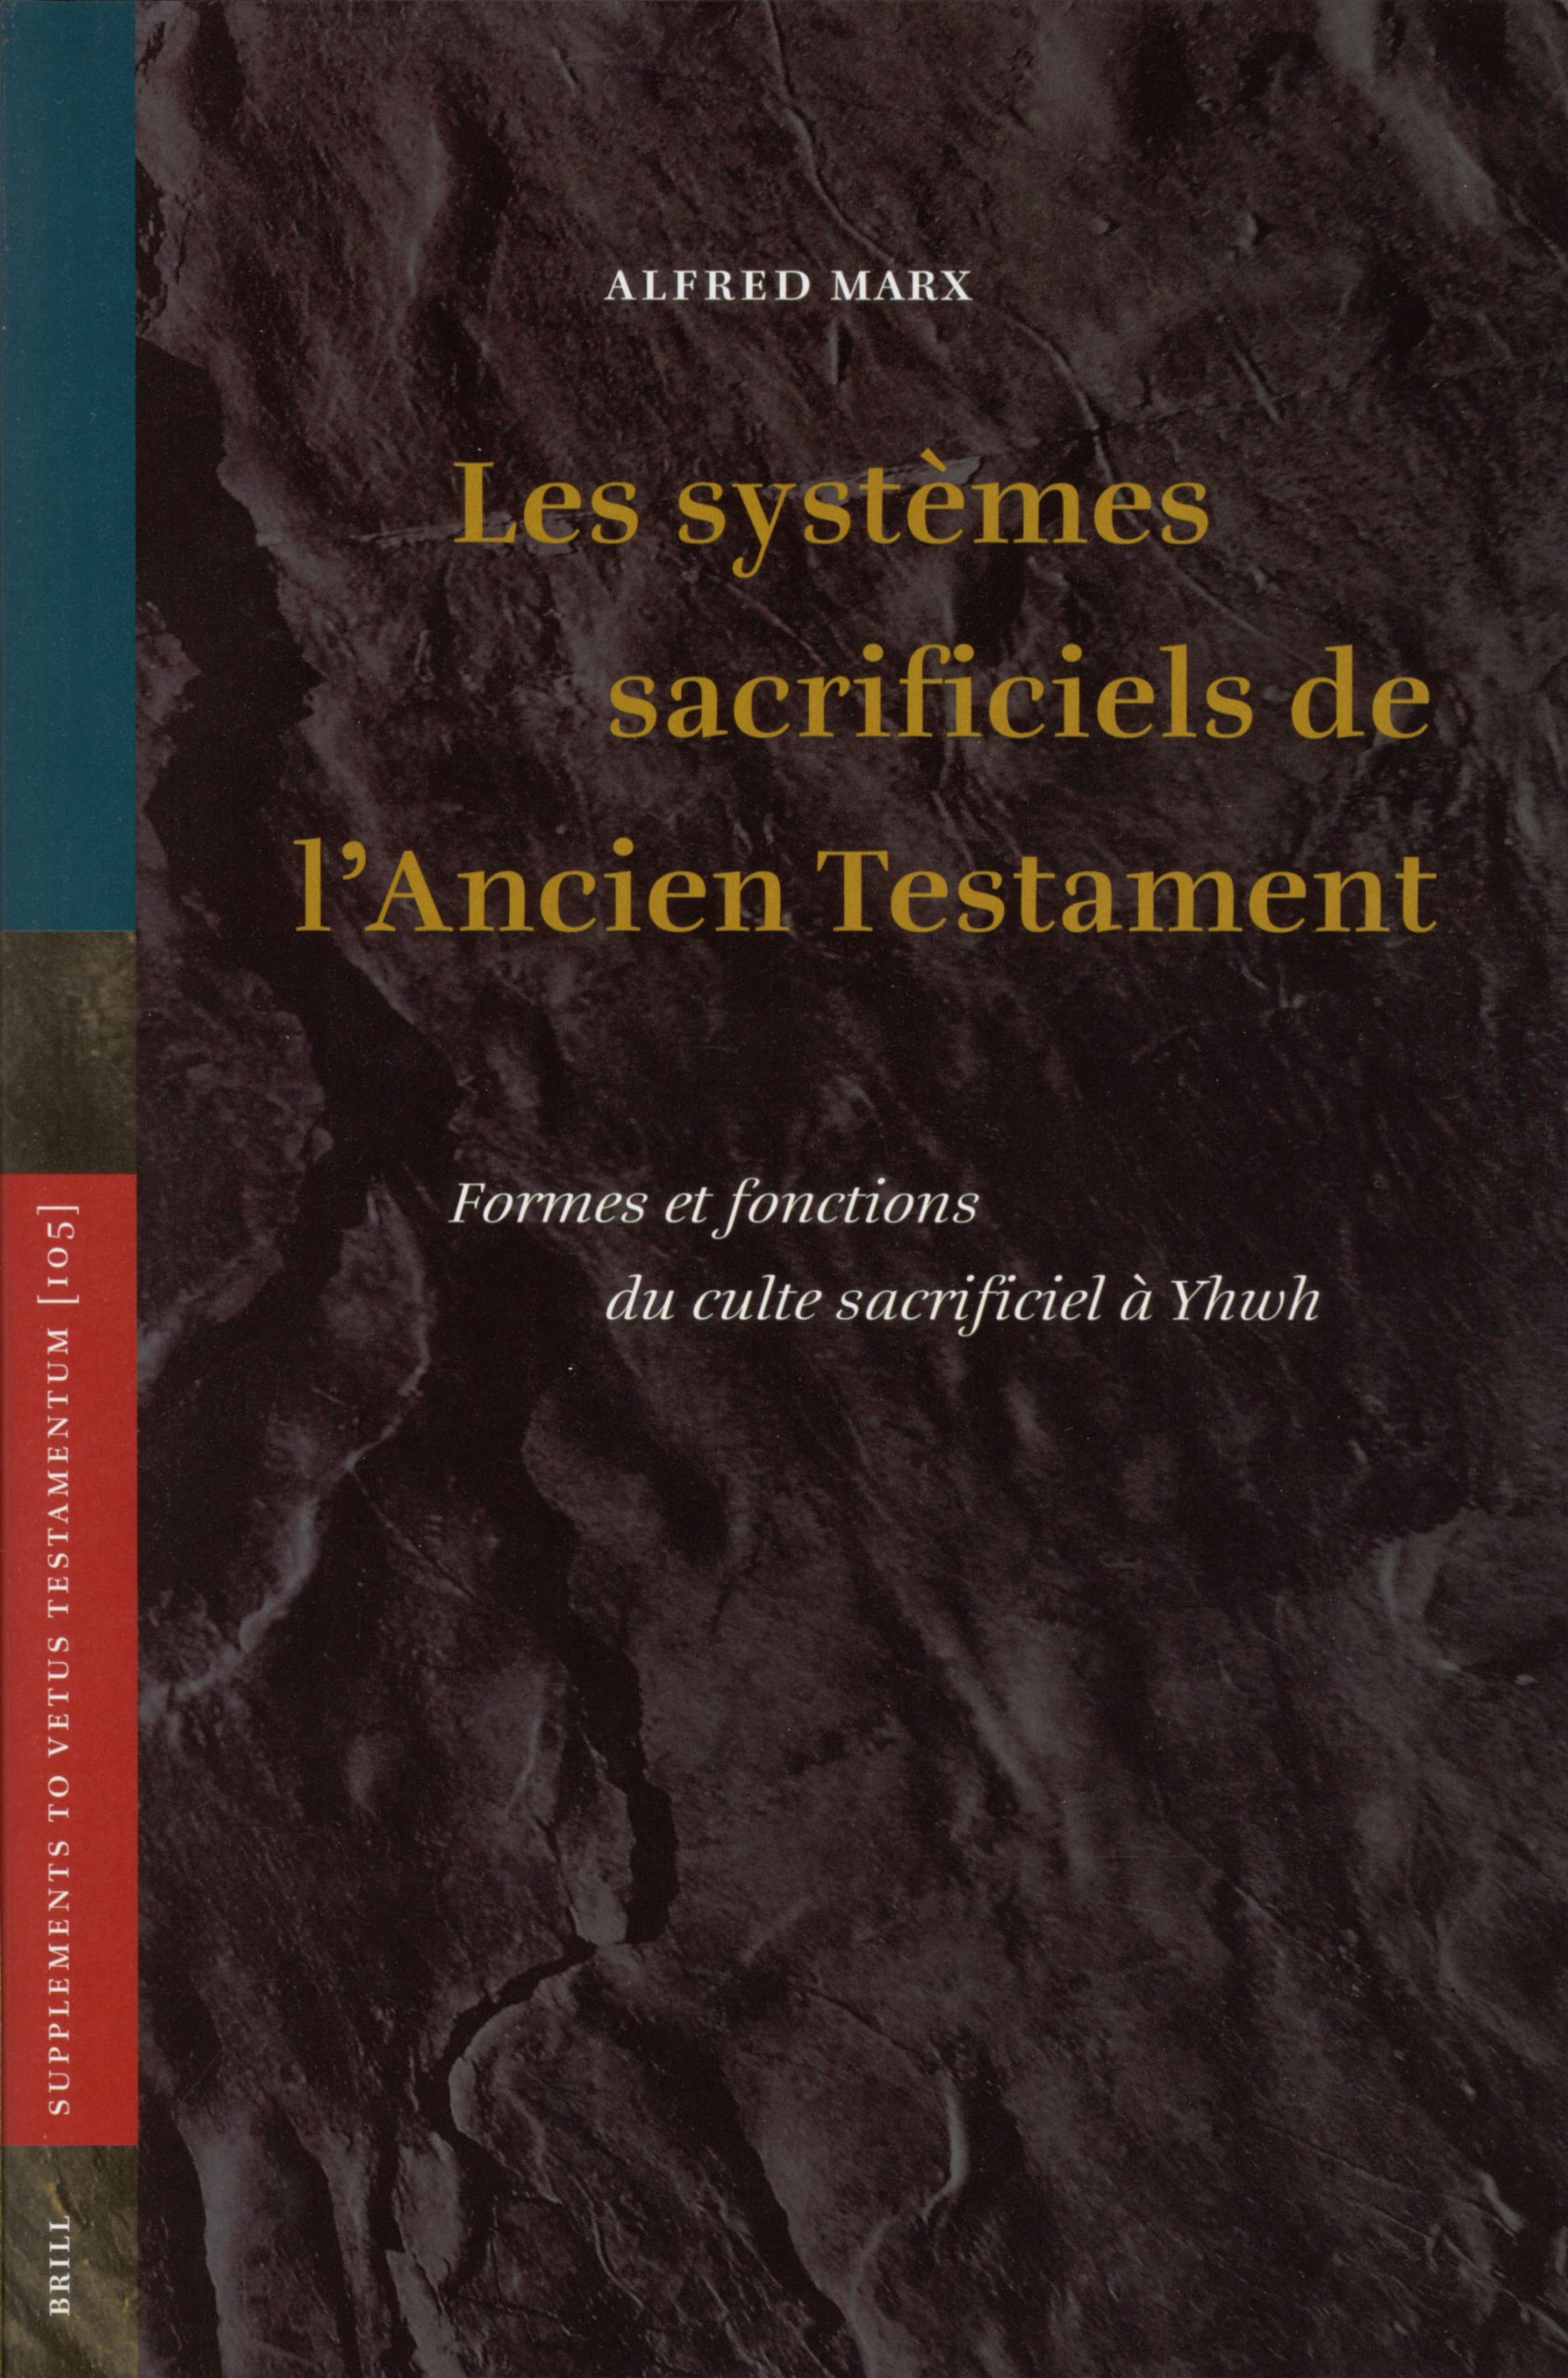 Download Systemes Sacrificiels De L'ancien Testament: Formes Et Fonctions Du Culte Sacrificiel A Yhwh (Supplements to Vetus Testamentum) (French Edition) pdf